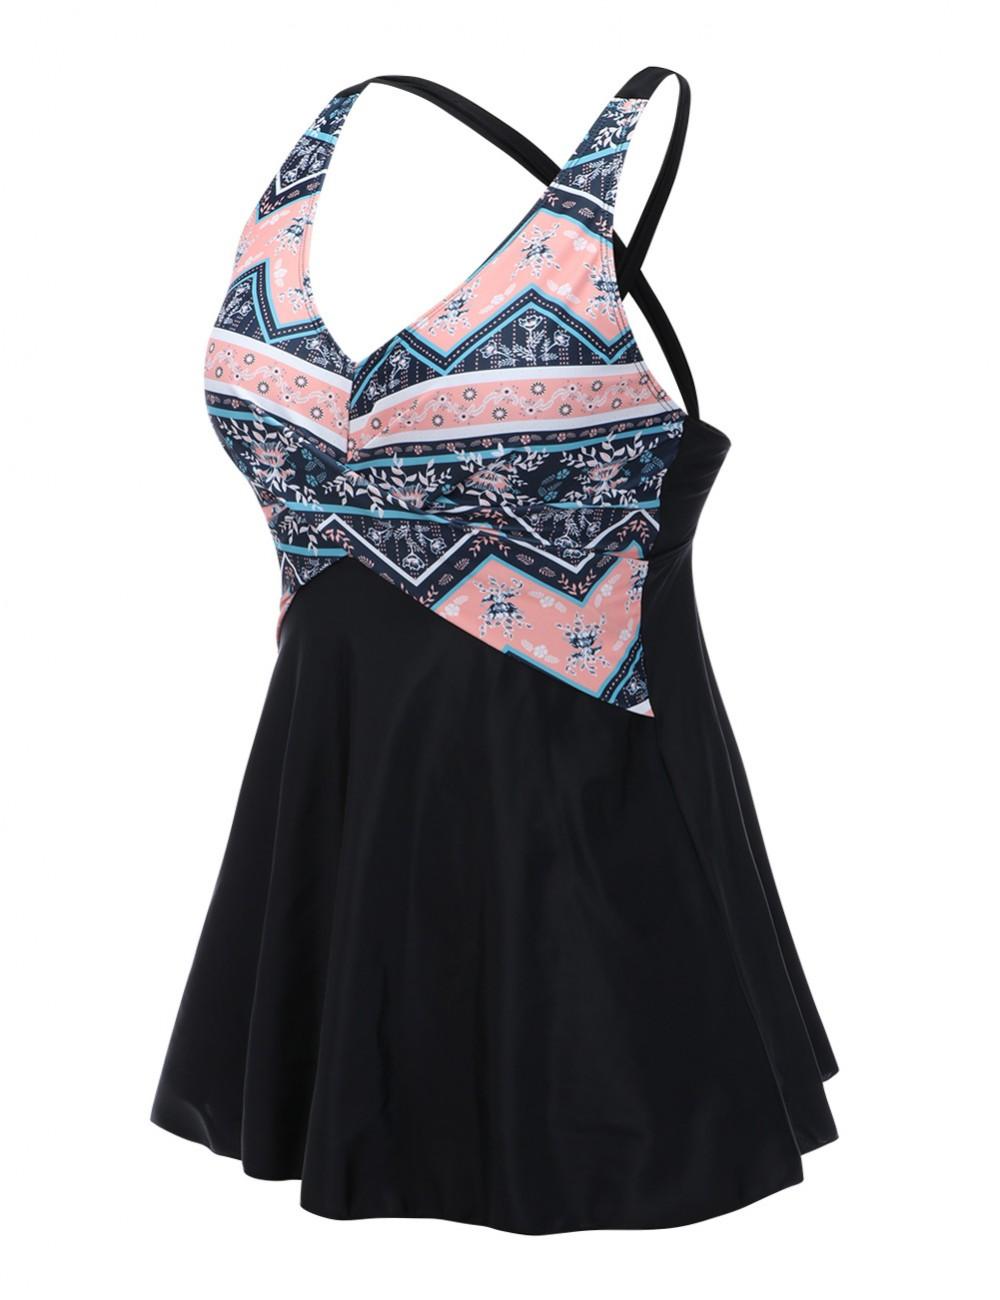 Explorer Plus Size 2 Pieces Beach Dress Plunging Neck Womens Fashion